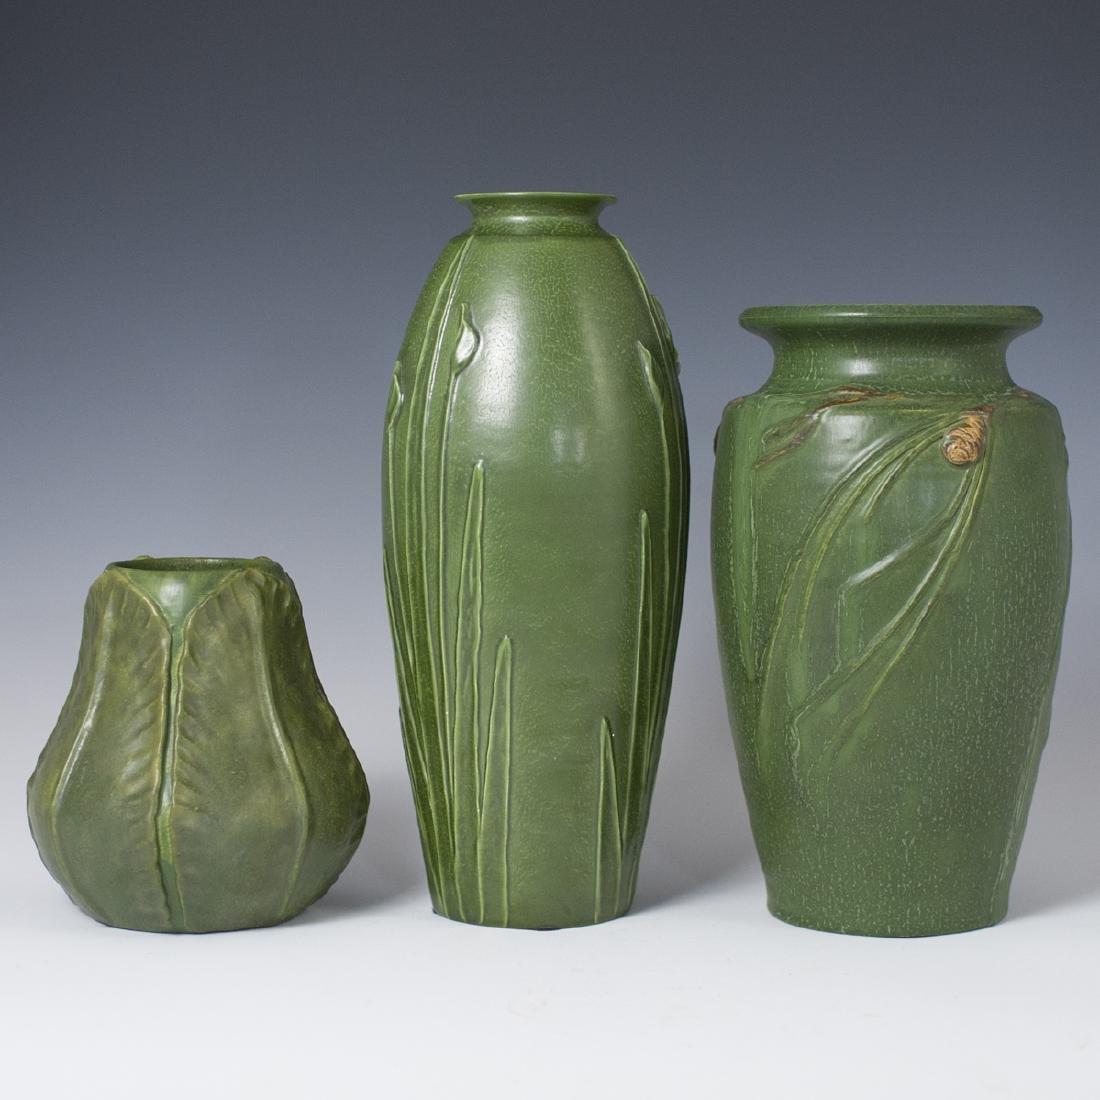 Ephraim Faience Pottery Vases